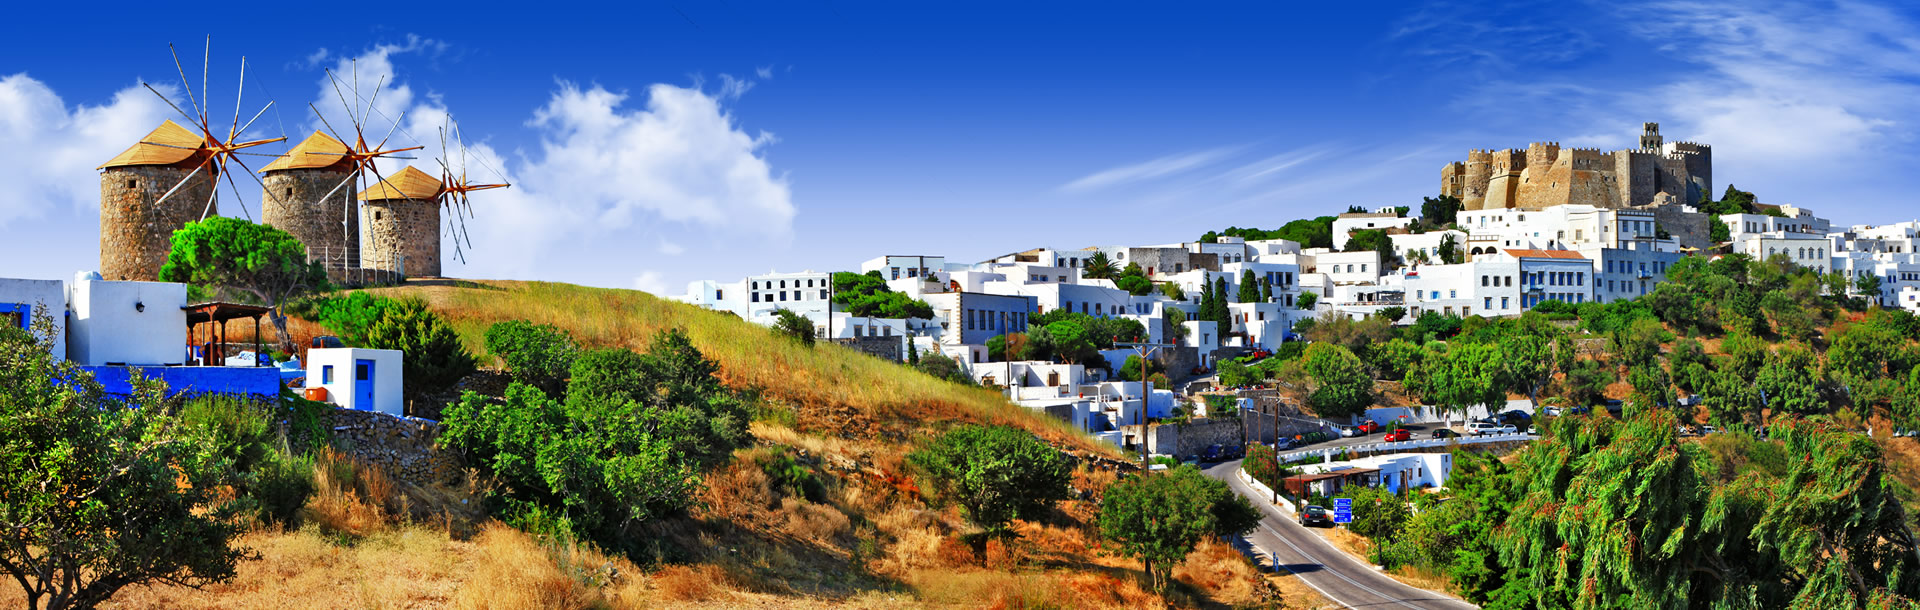 Chora on Patmos Island, Greek Islands